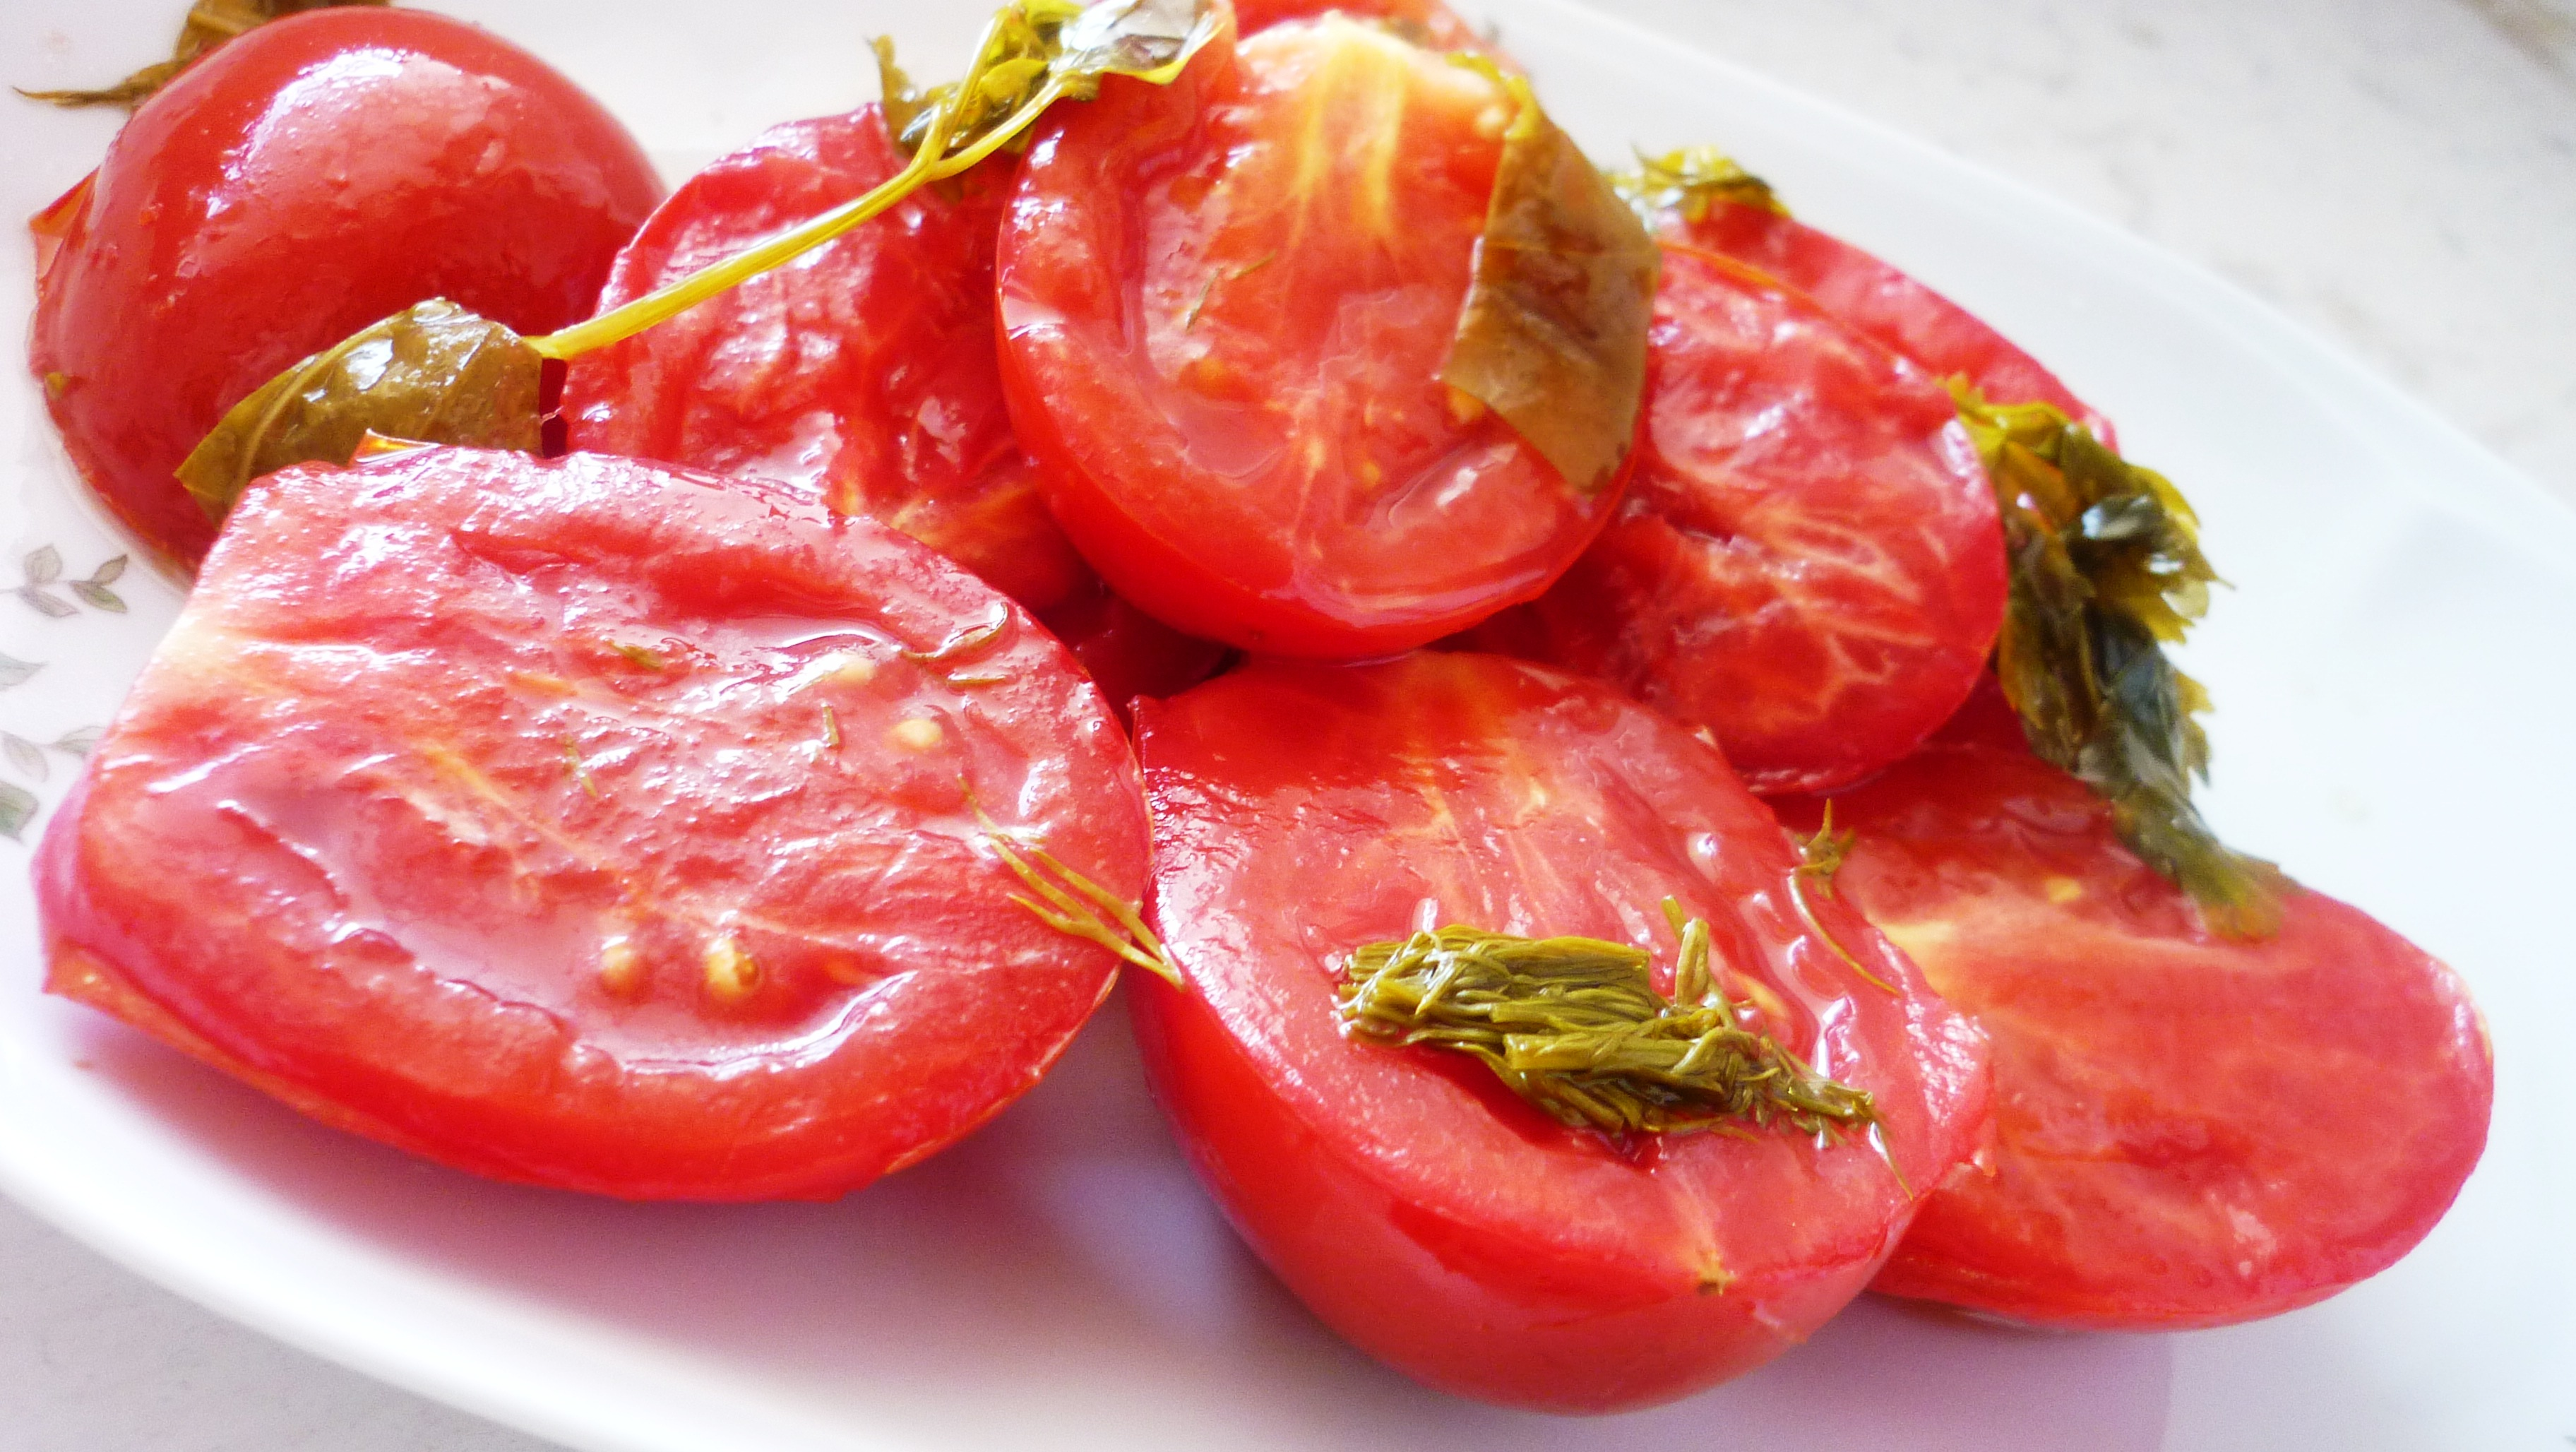 Рецепты салатов из репчатого лука (21 удивительно простой рецепт лукового салата с уксусом и майонезом)